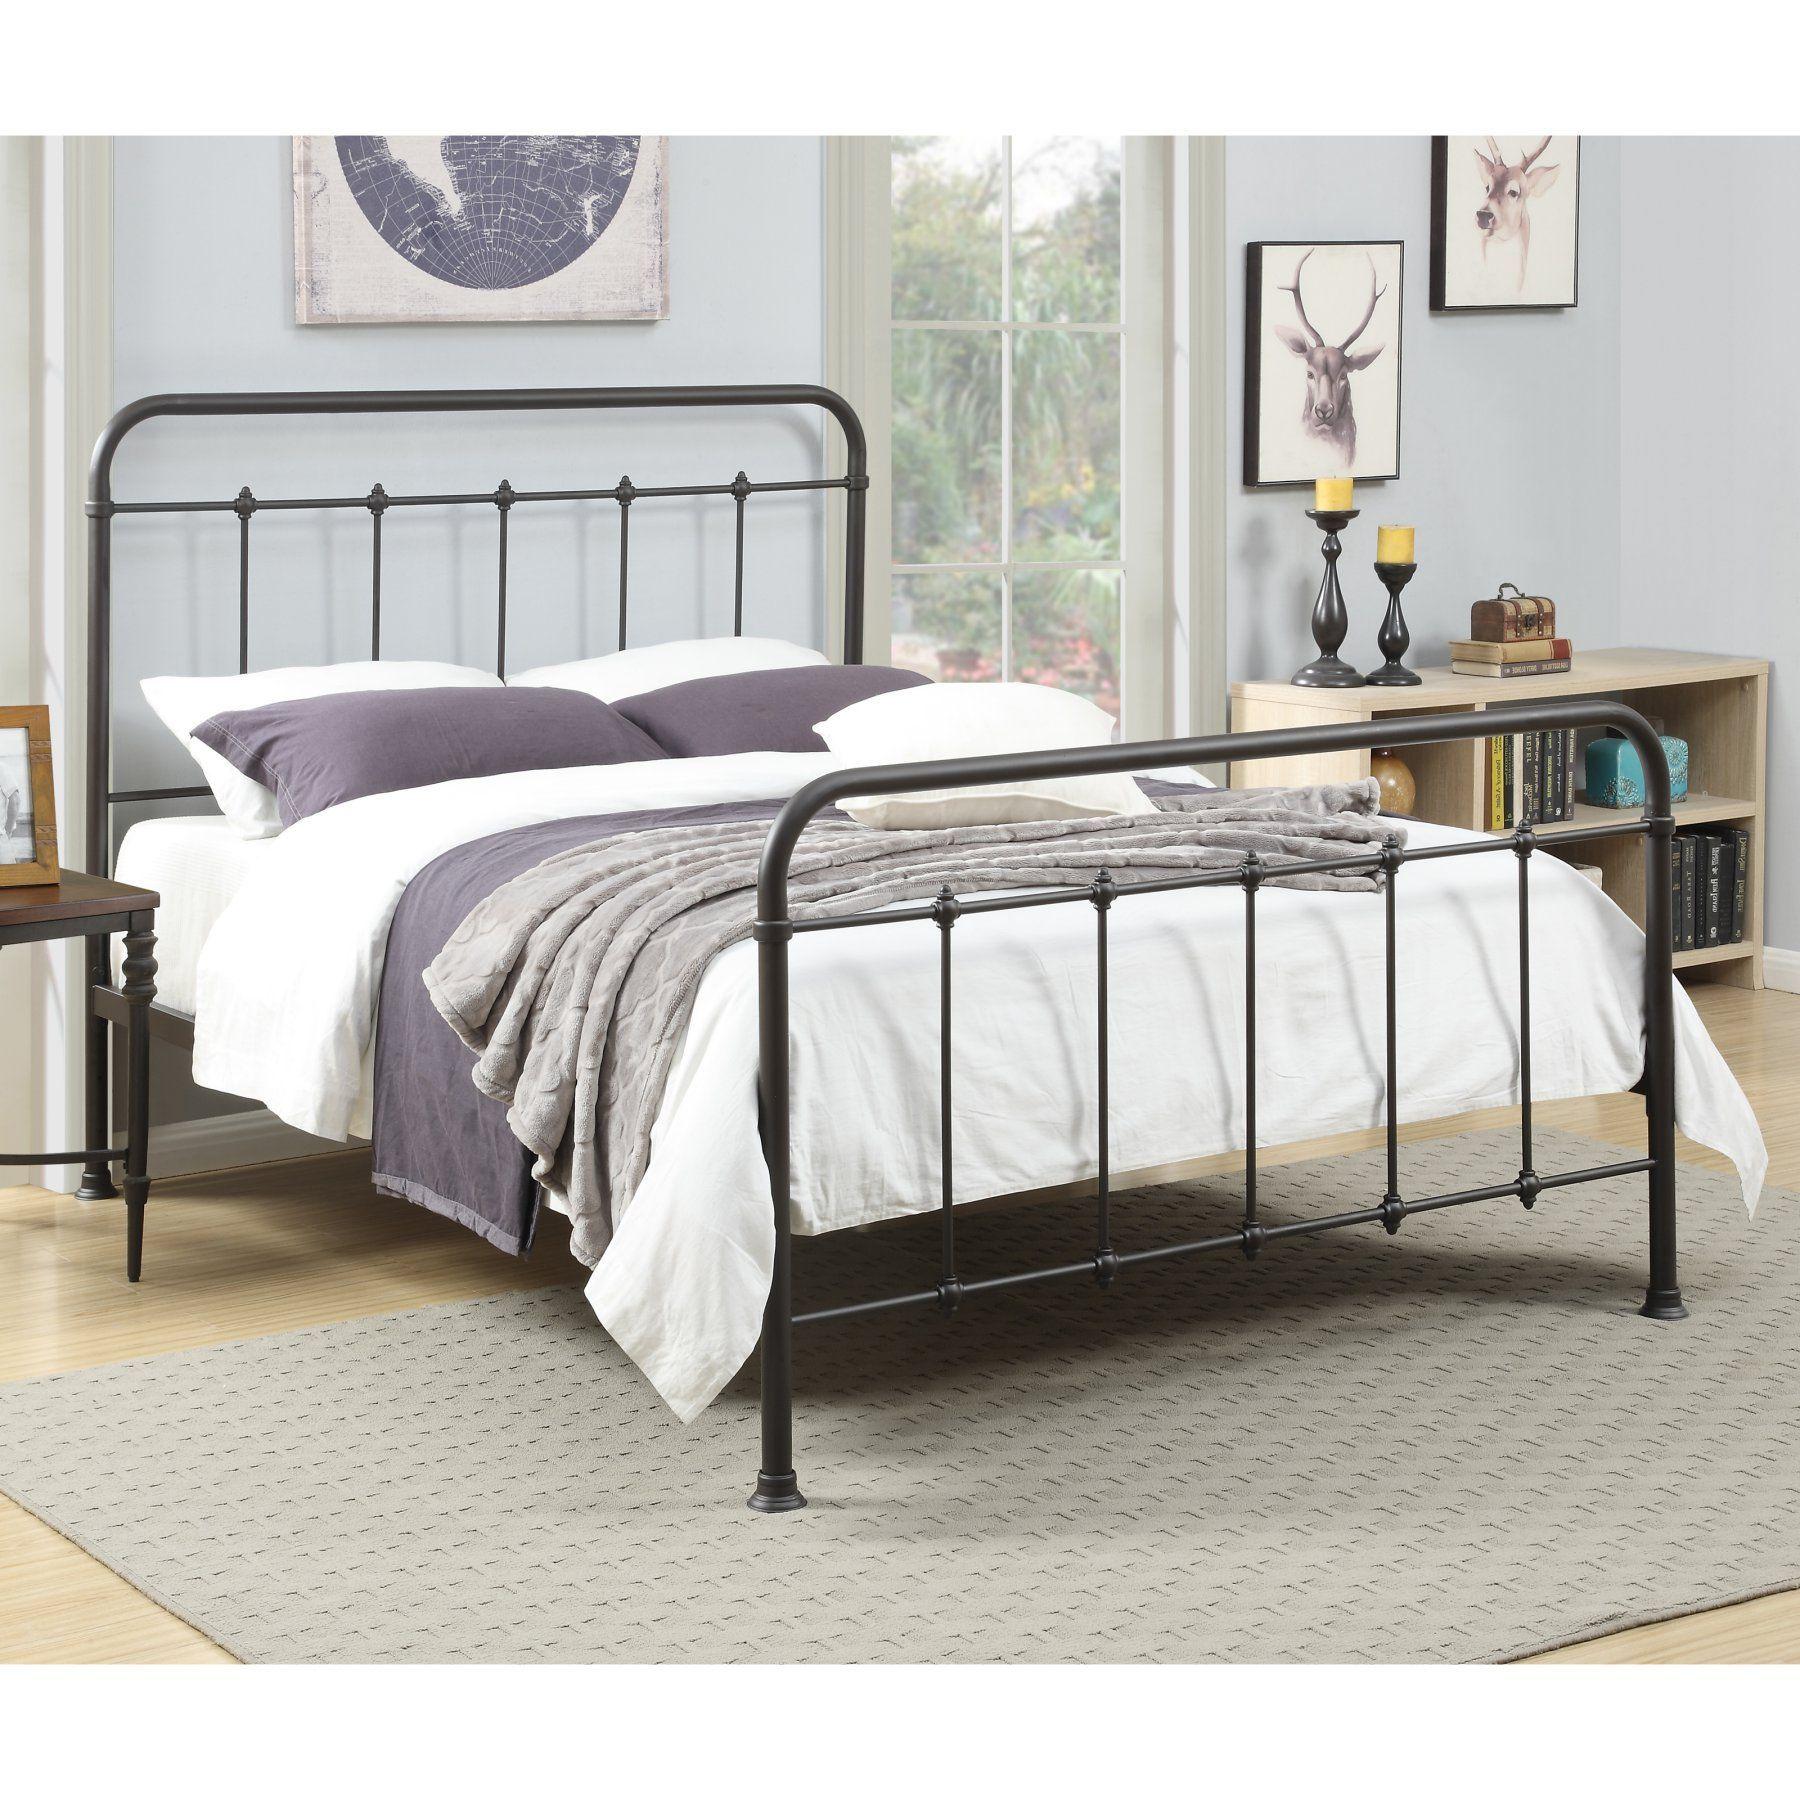 Home Meridian Westford Standard Queen Bed DS2645290